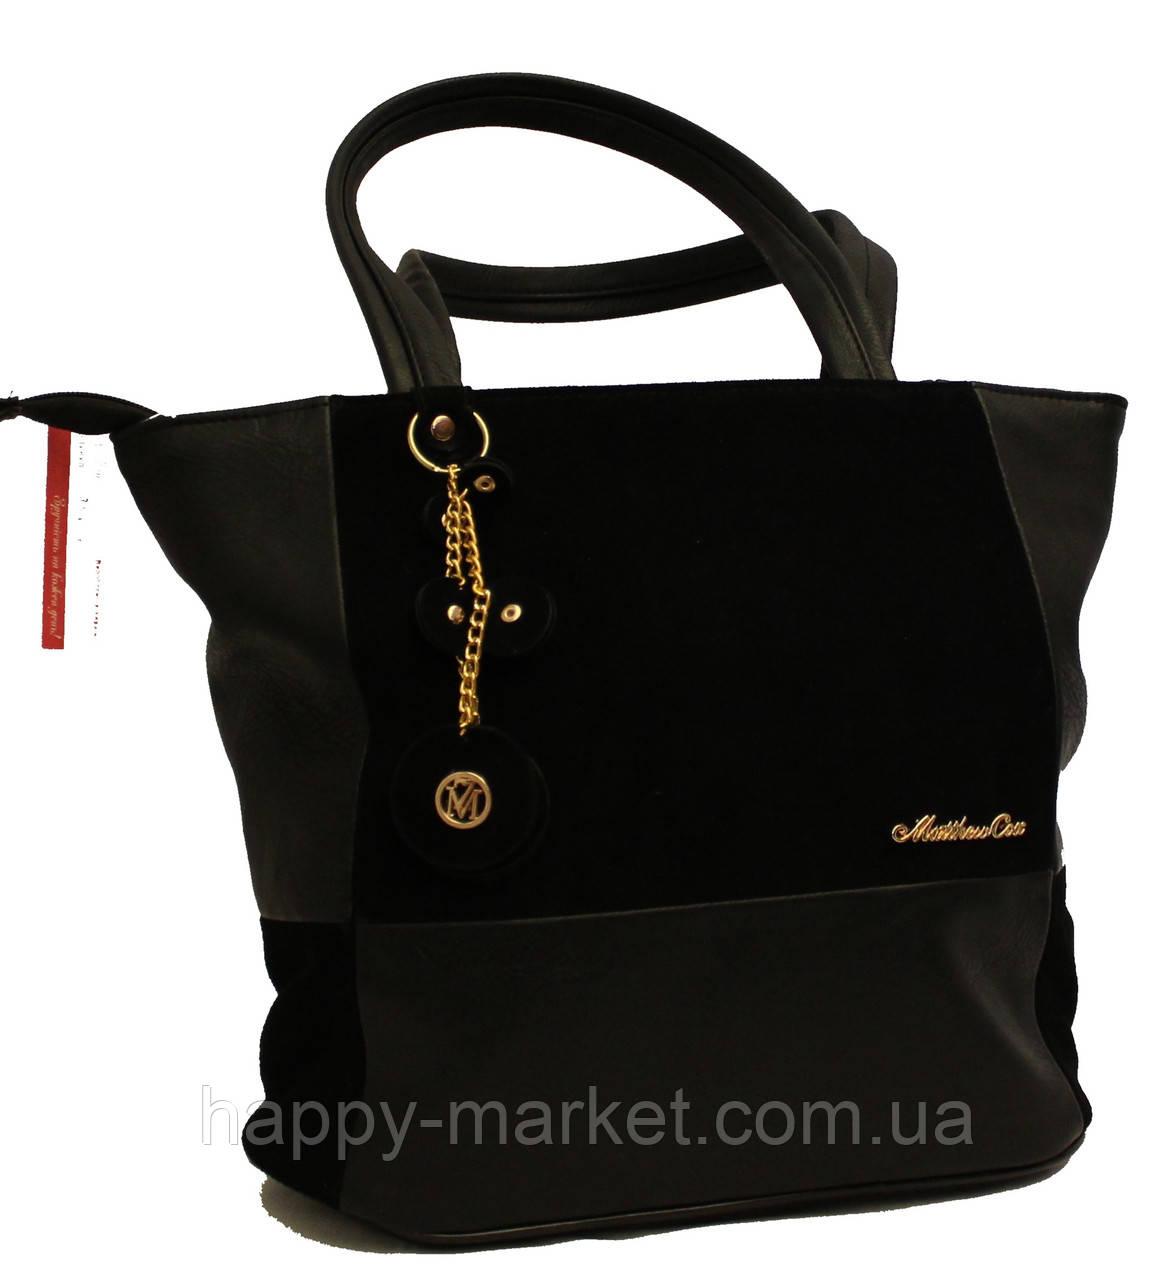 Сумка торба женская Производитель Украина 2838-1